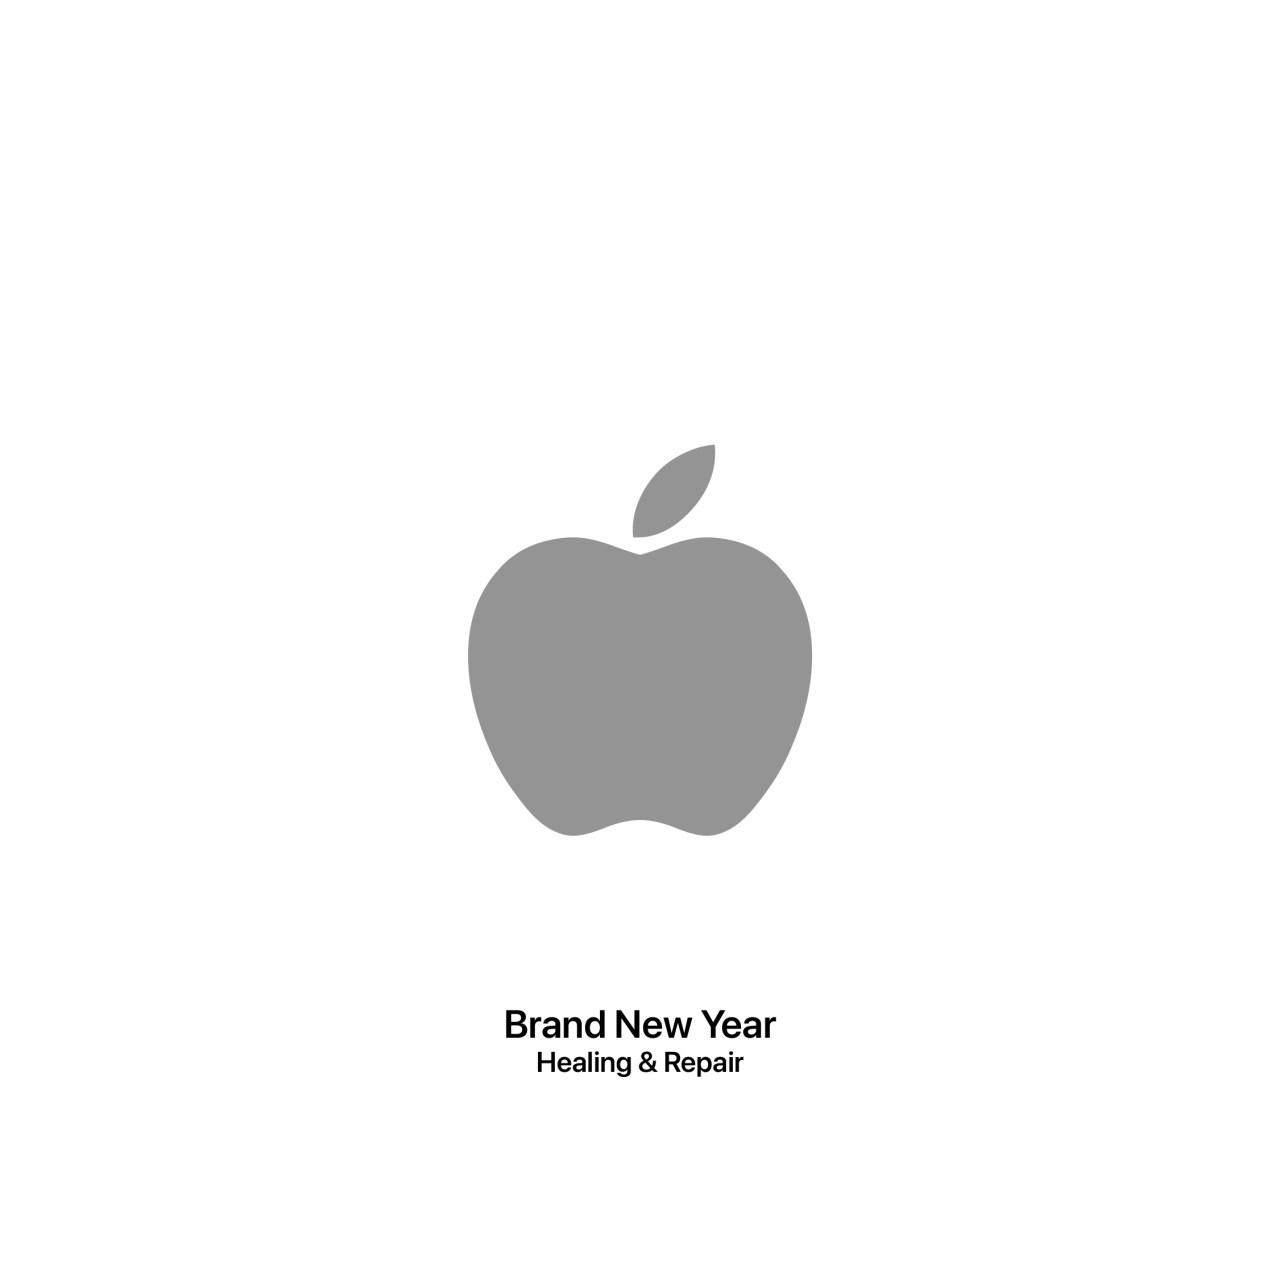 Brand New Year-01